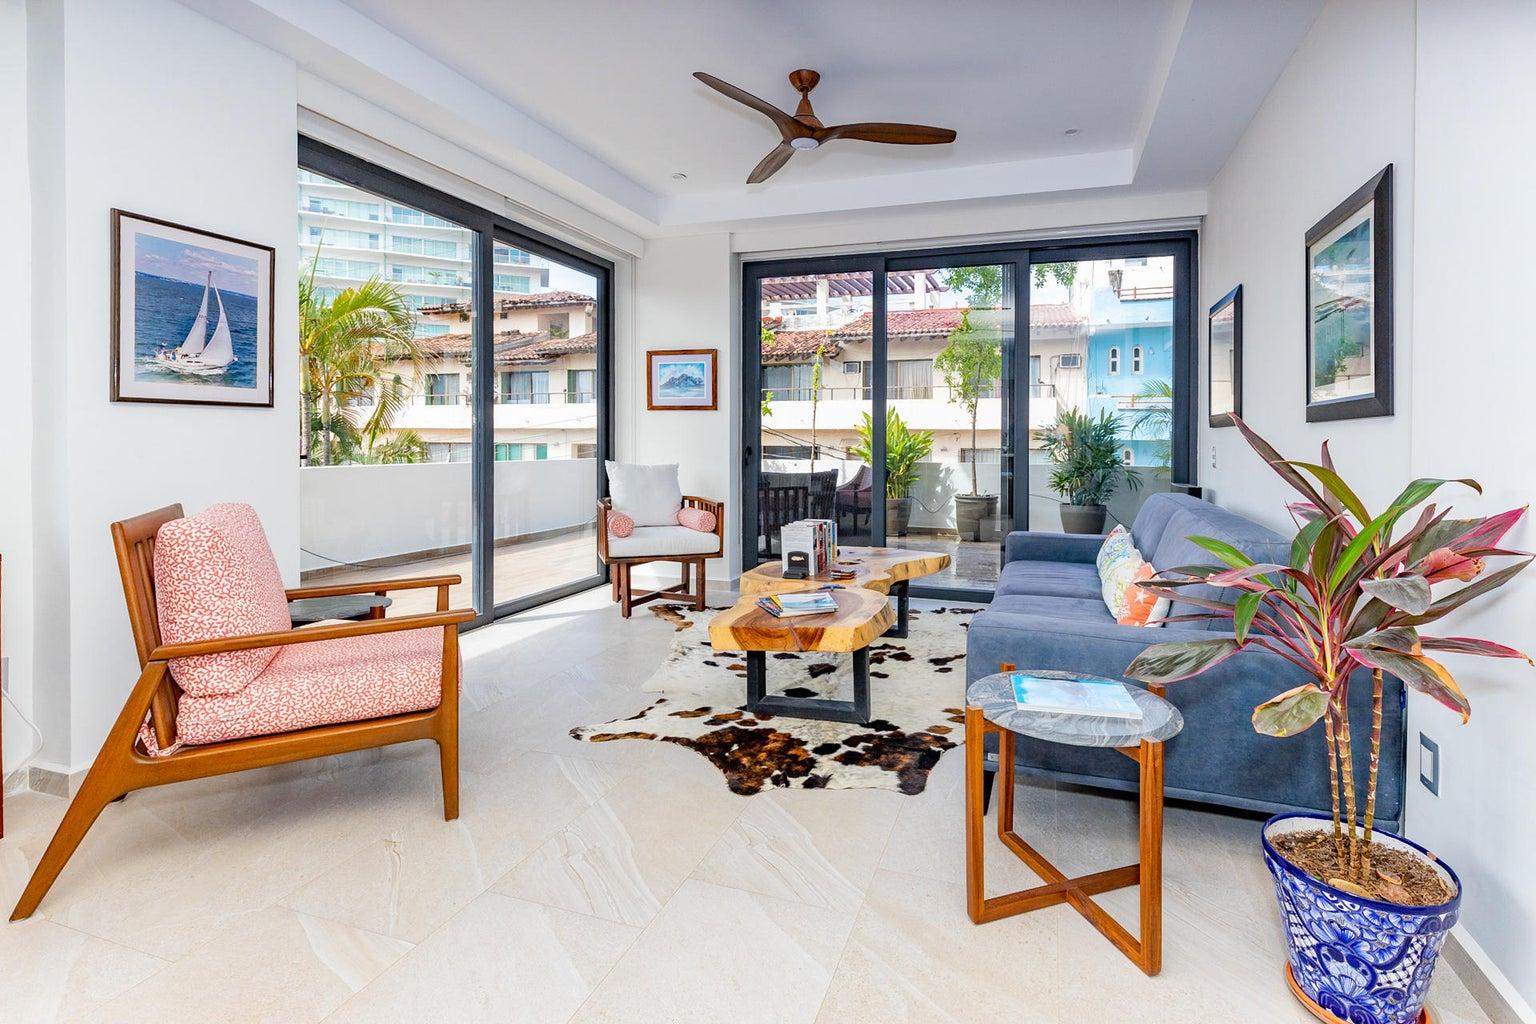 1-202-portosanto-living-room